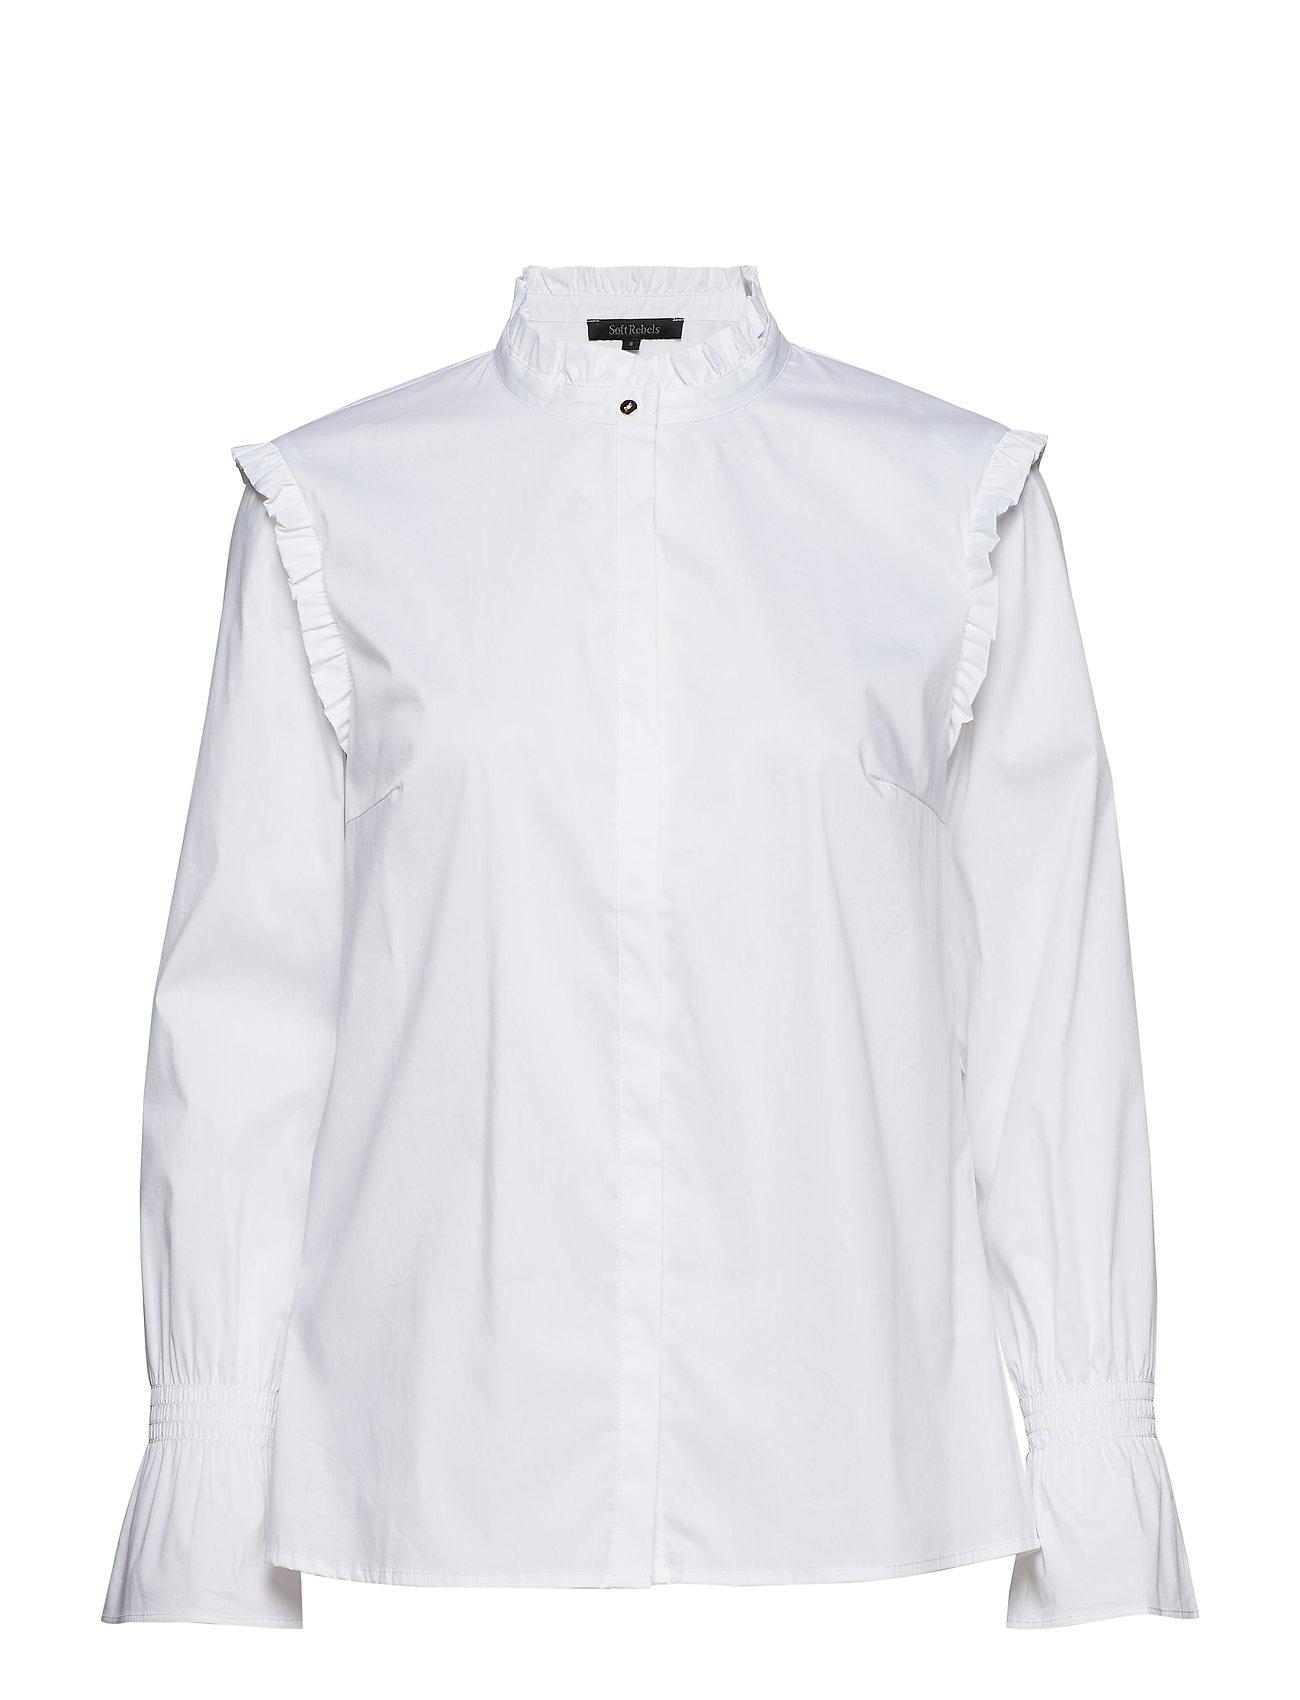 Soft Rebels Tove Shirt